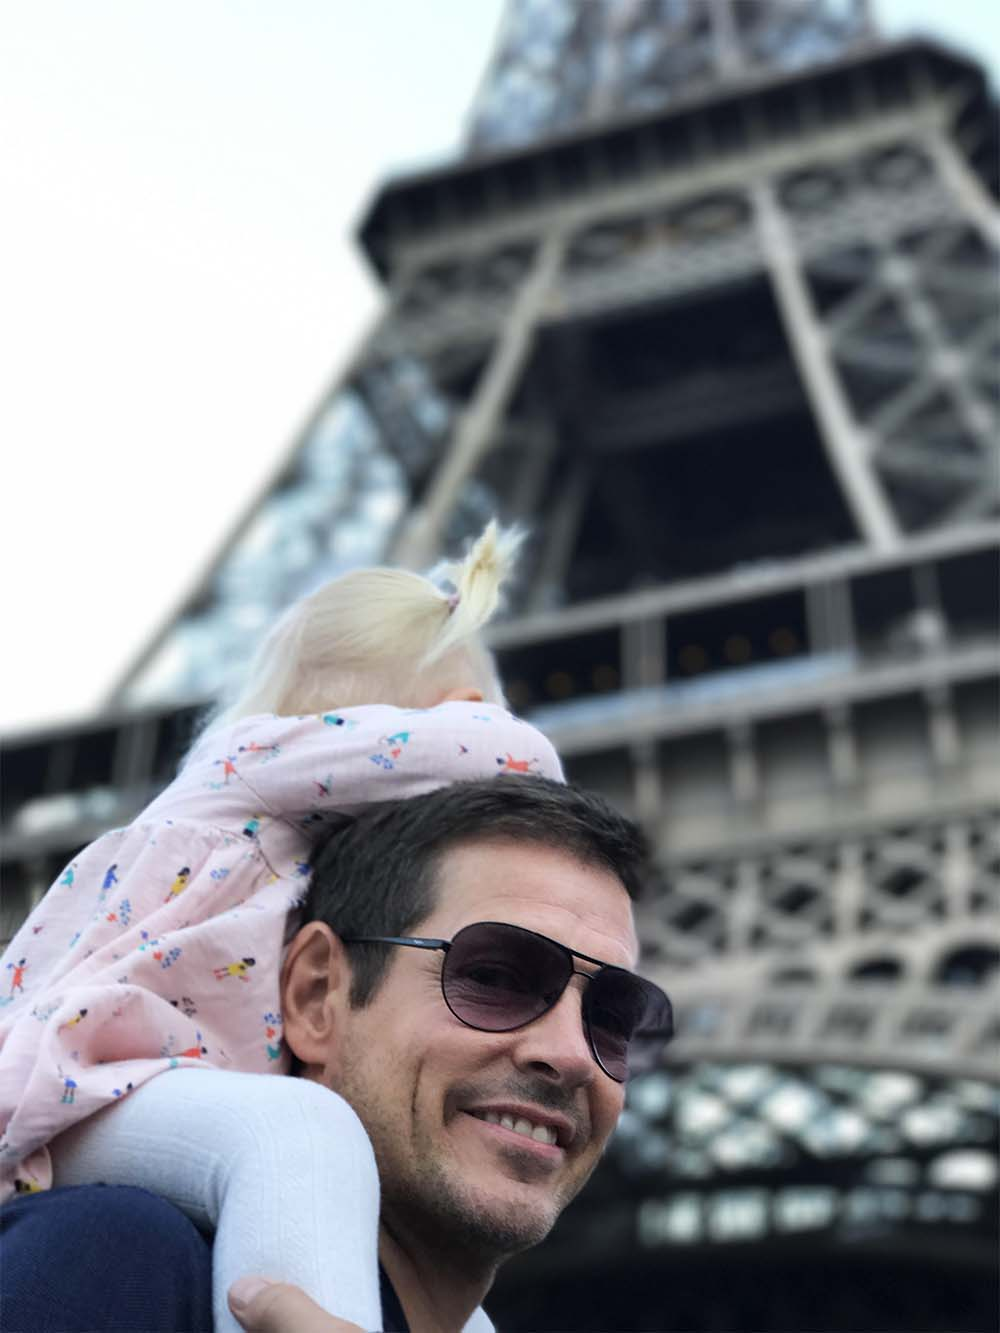 Merci Paris... Until next time.